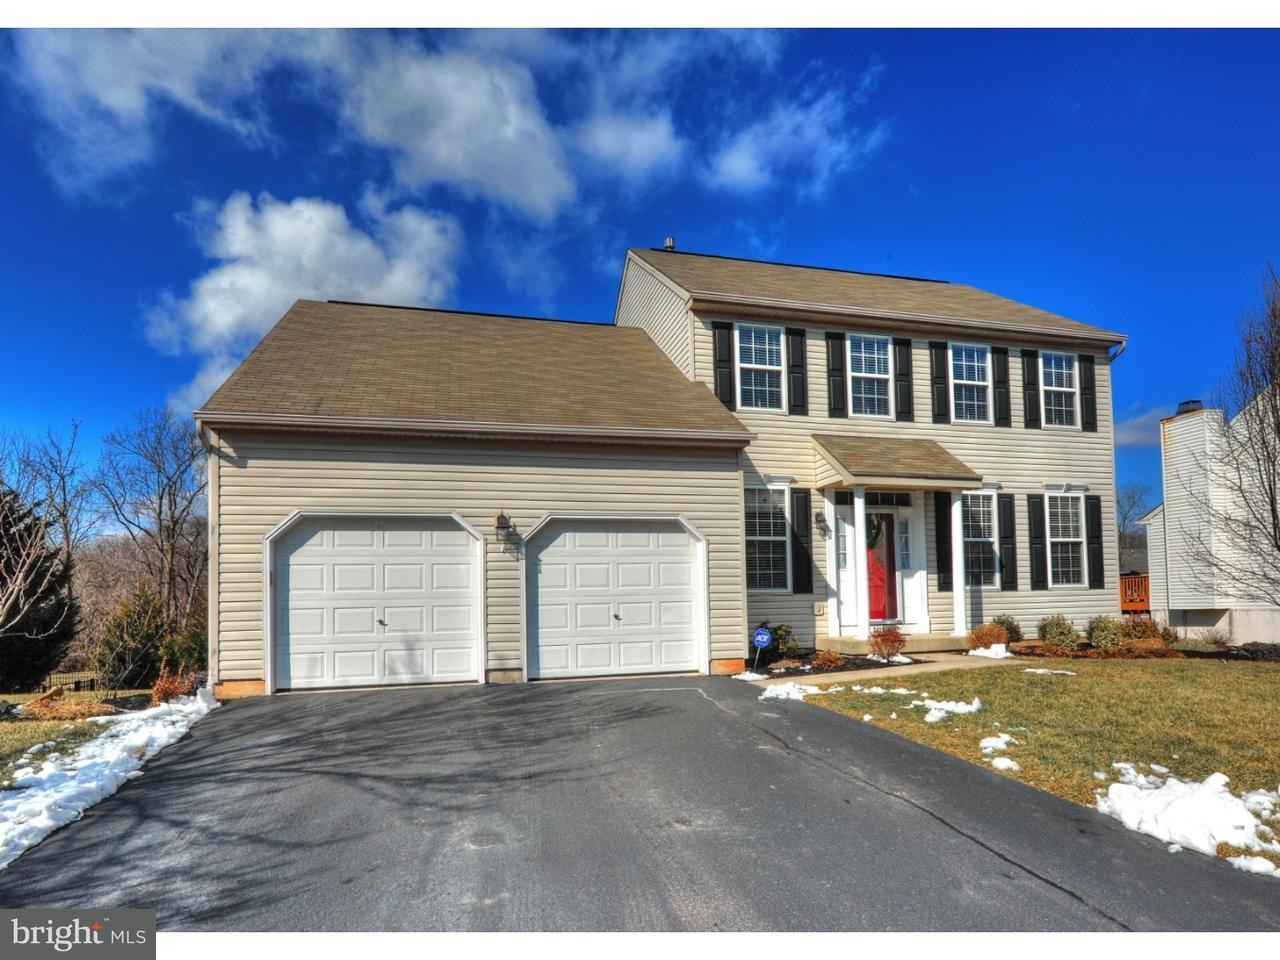 Maison unifamiliale pour l Vente à 2426 ROSEWOOD Trail Linfield, Pennsylvanie 19468 États-Unis